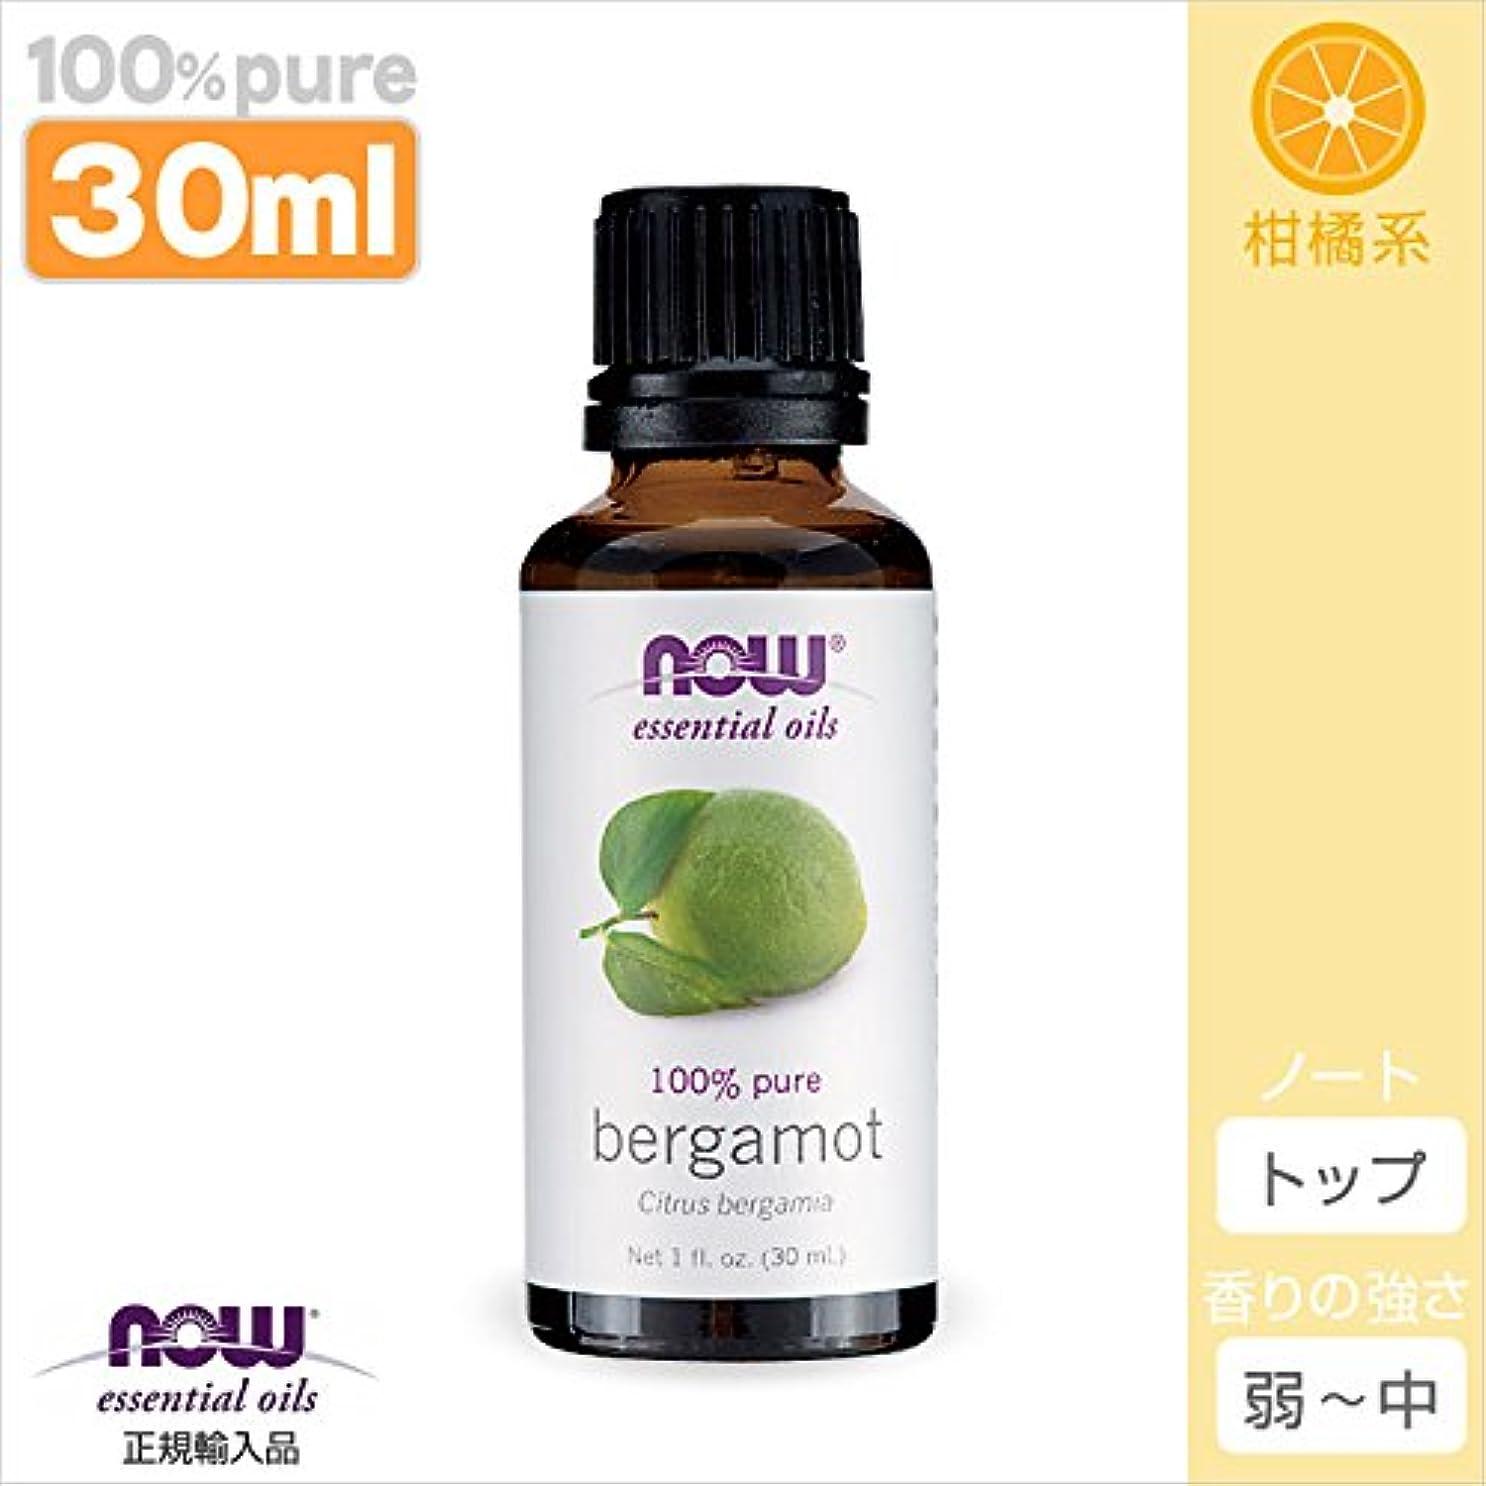 ベルガモット精油[30ml] 【正規輸入品】 NOWエッセンシャルオイル(アロマオイル)